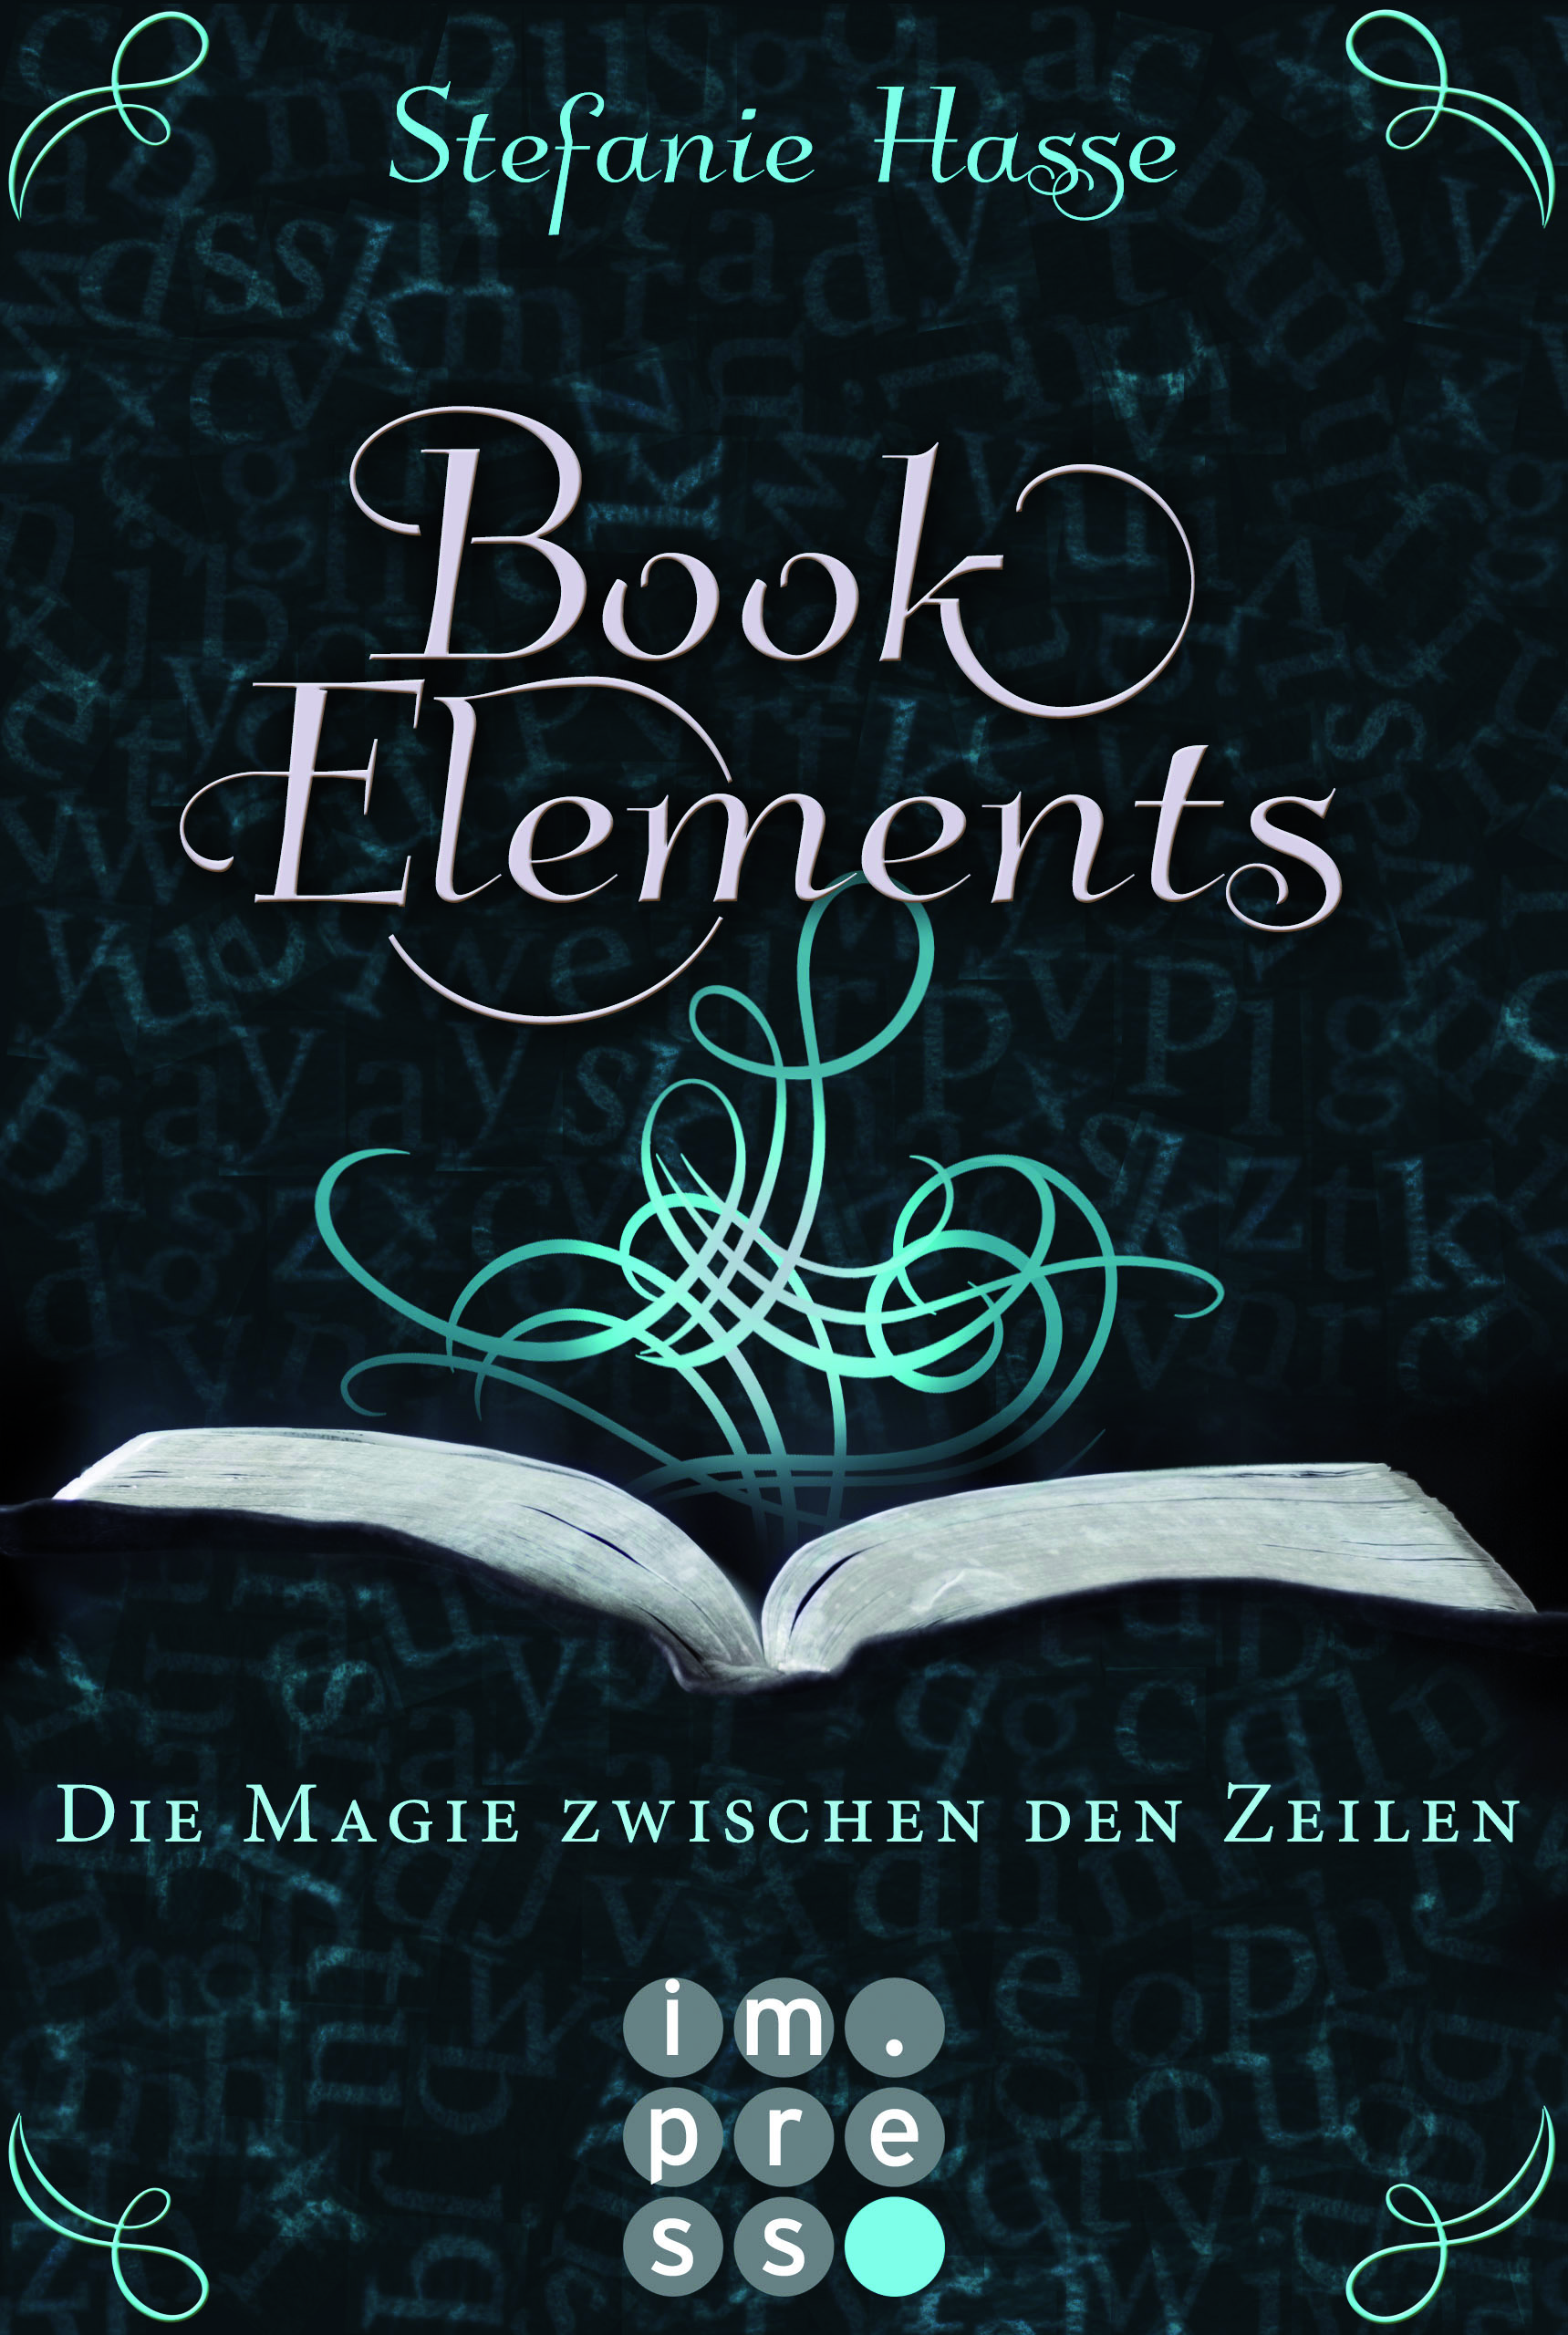 Book-Elements-Die-Magie-zwischen-den-Zeilen_Stefanie-Hasse.jpg